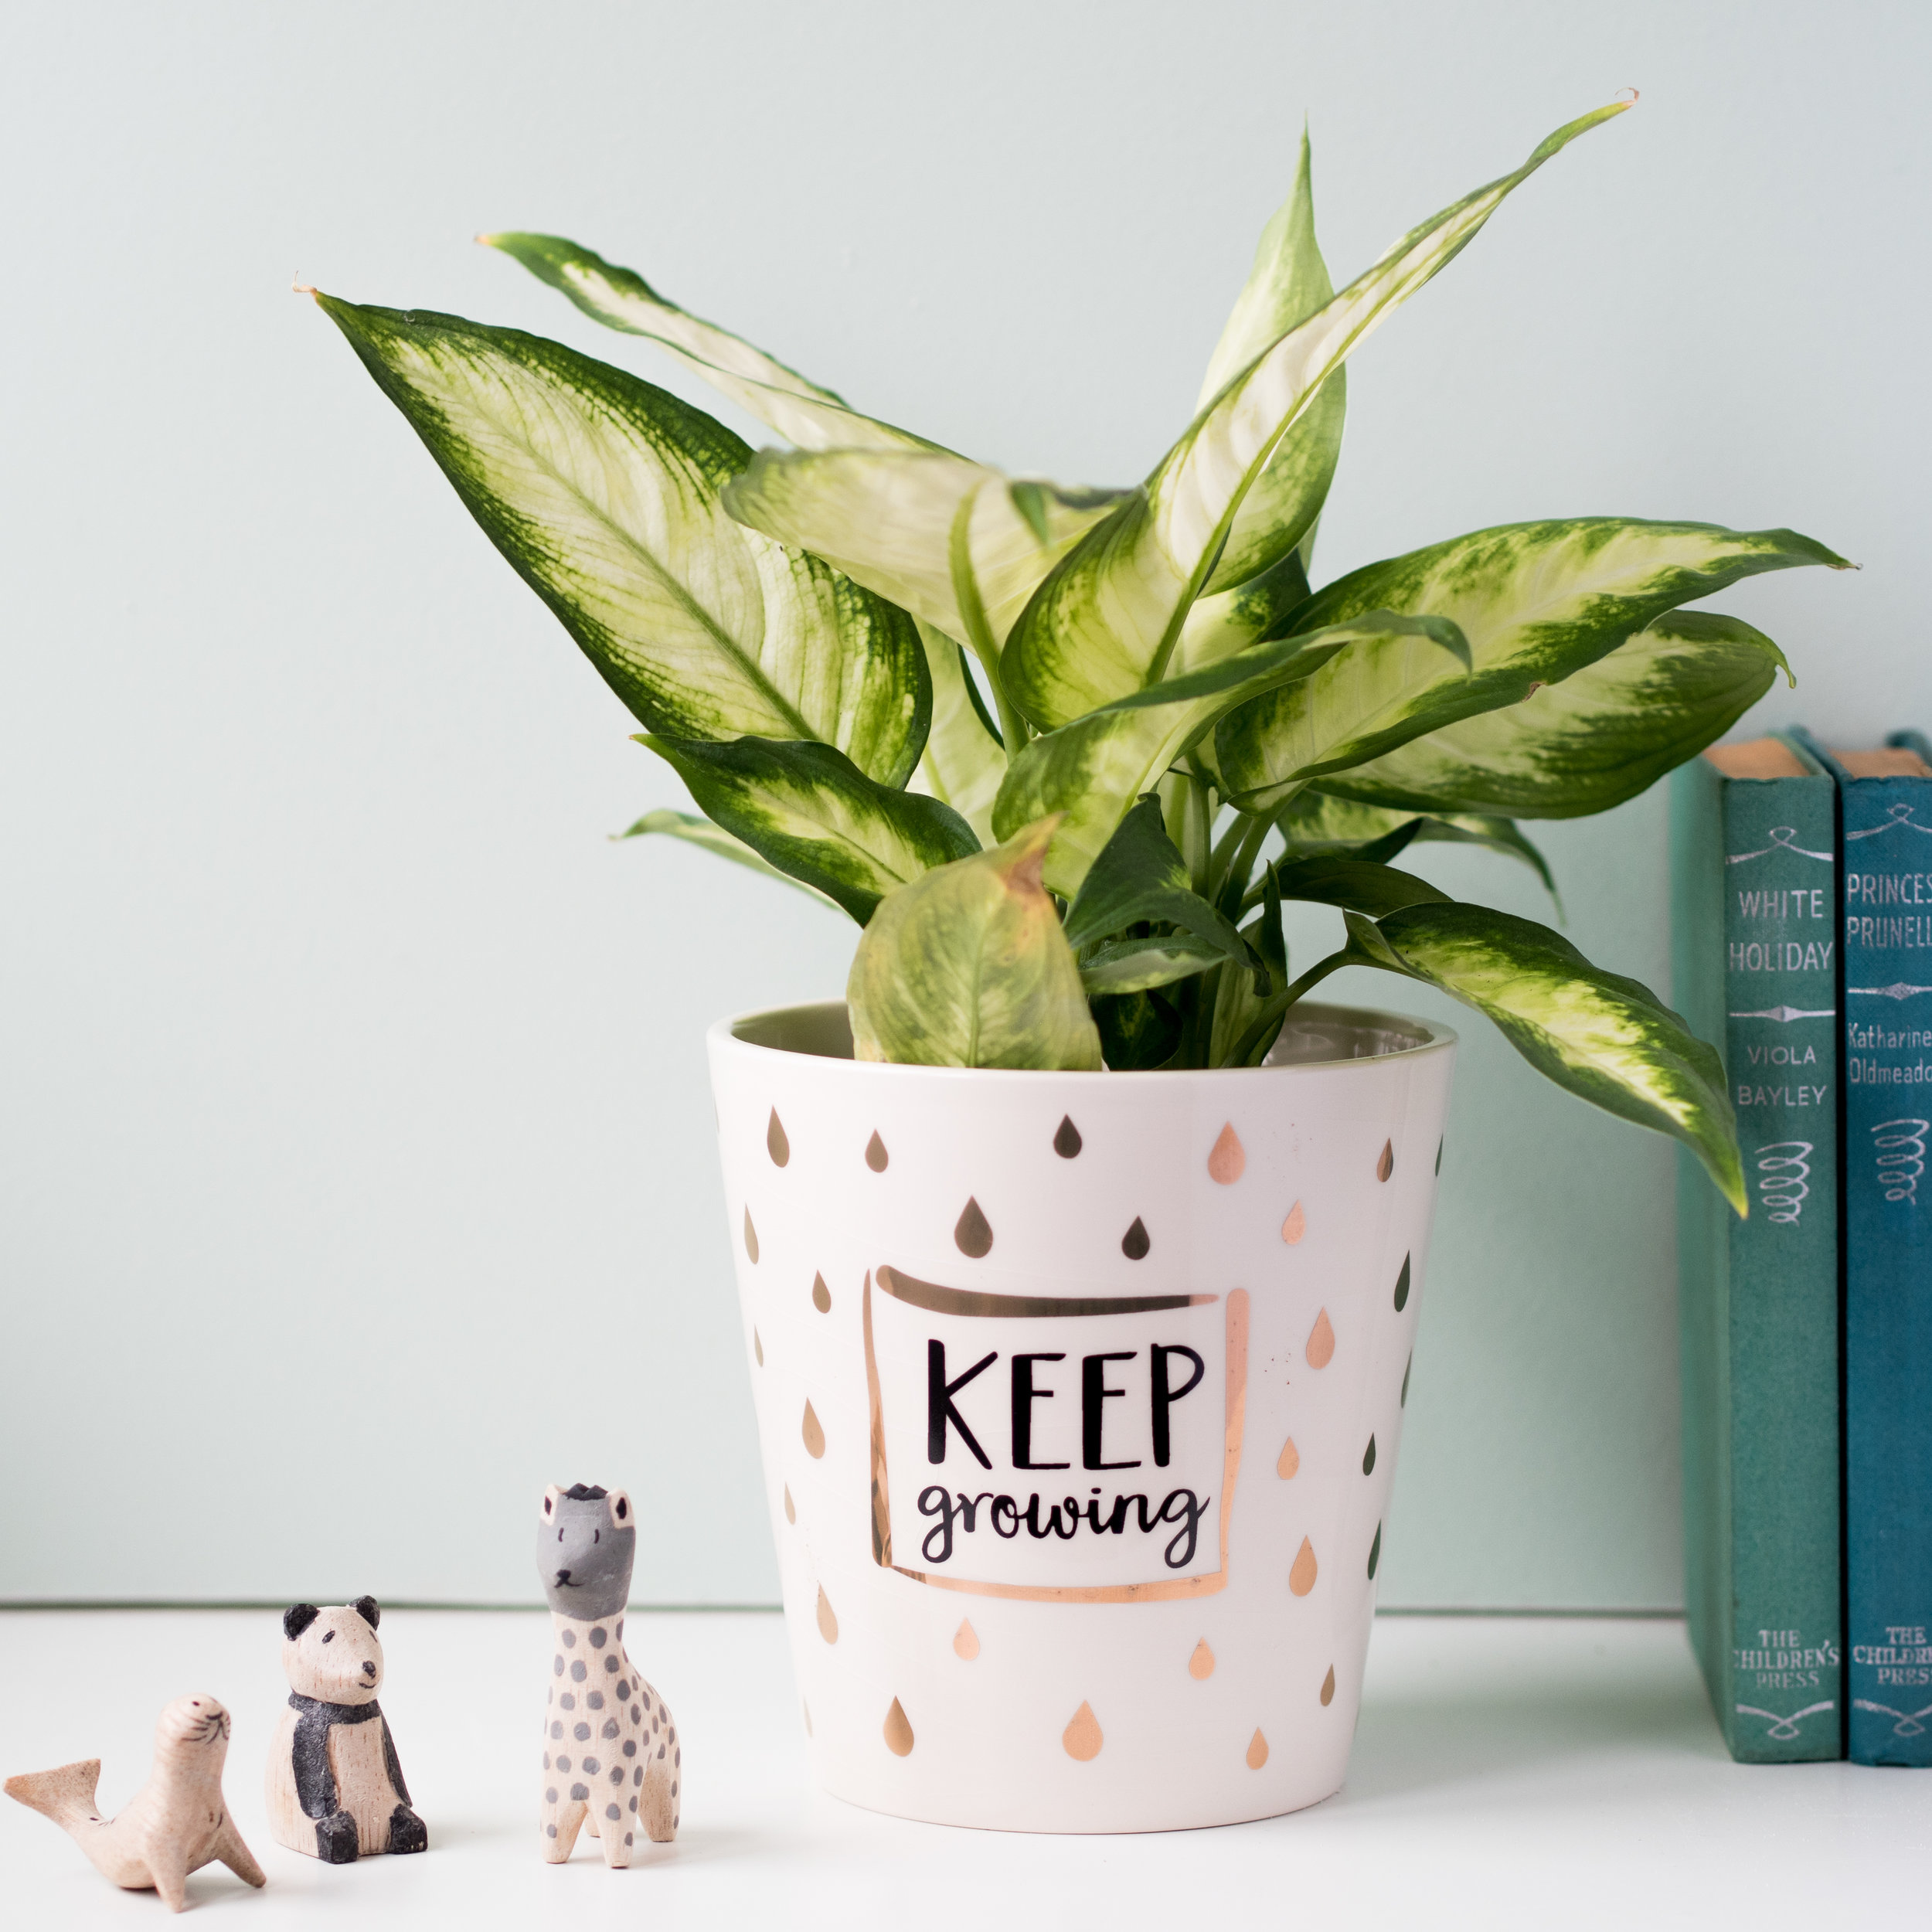 plant pot cover  sc 1 st  Bow Boutique & Keep Growing Plant Pot Cover \u2014 Bow Boutique Ltd.